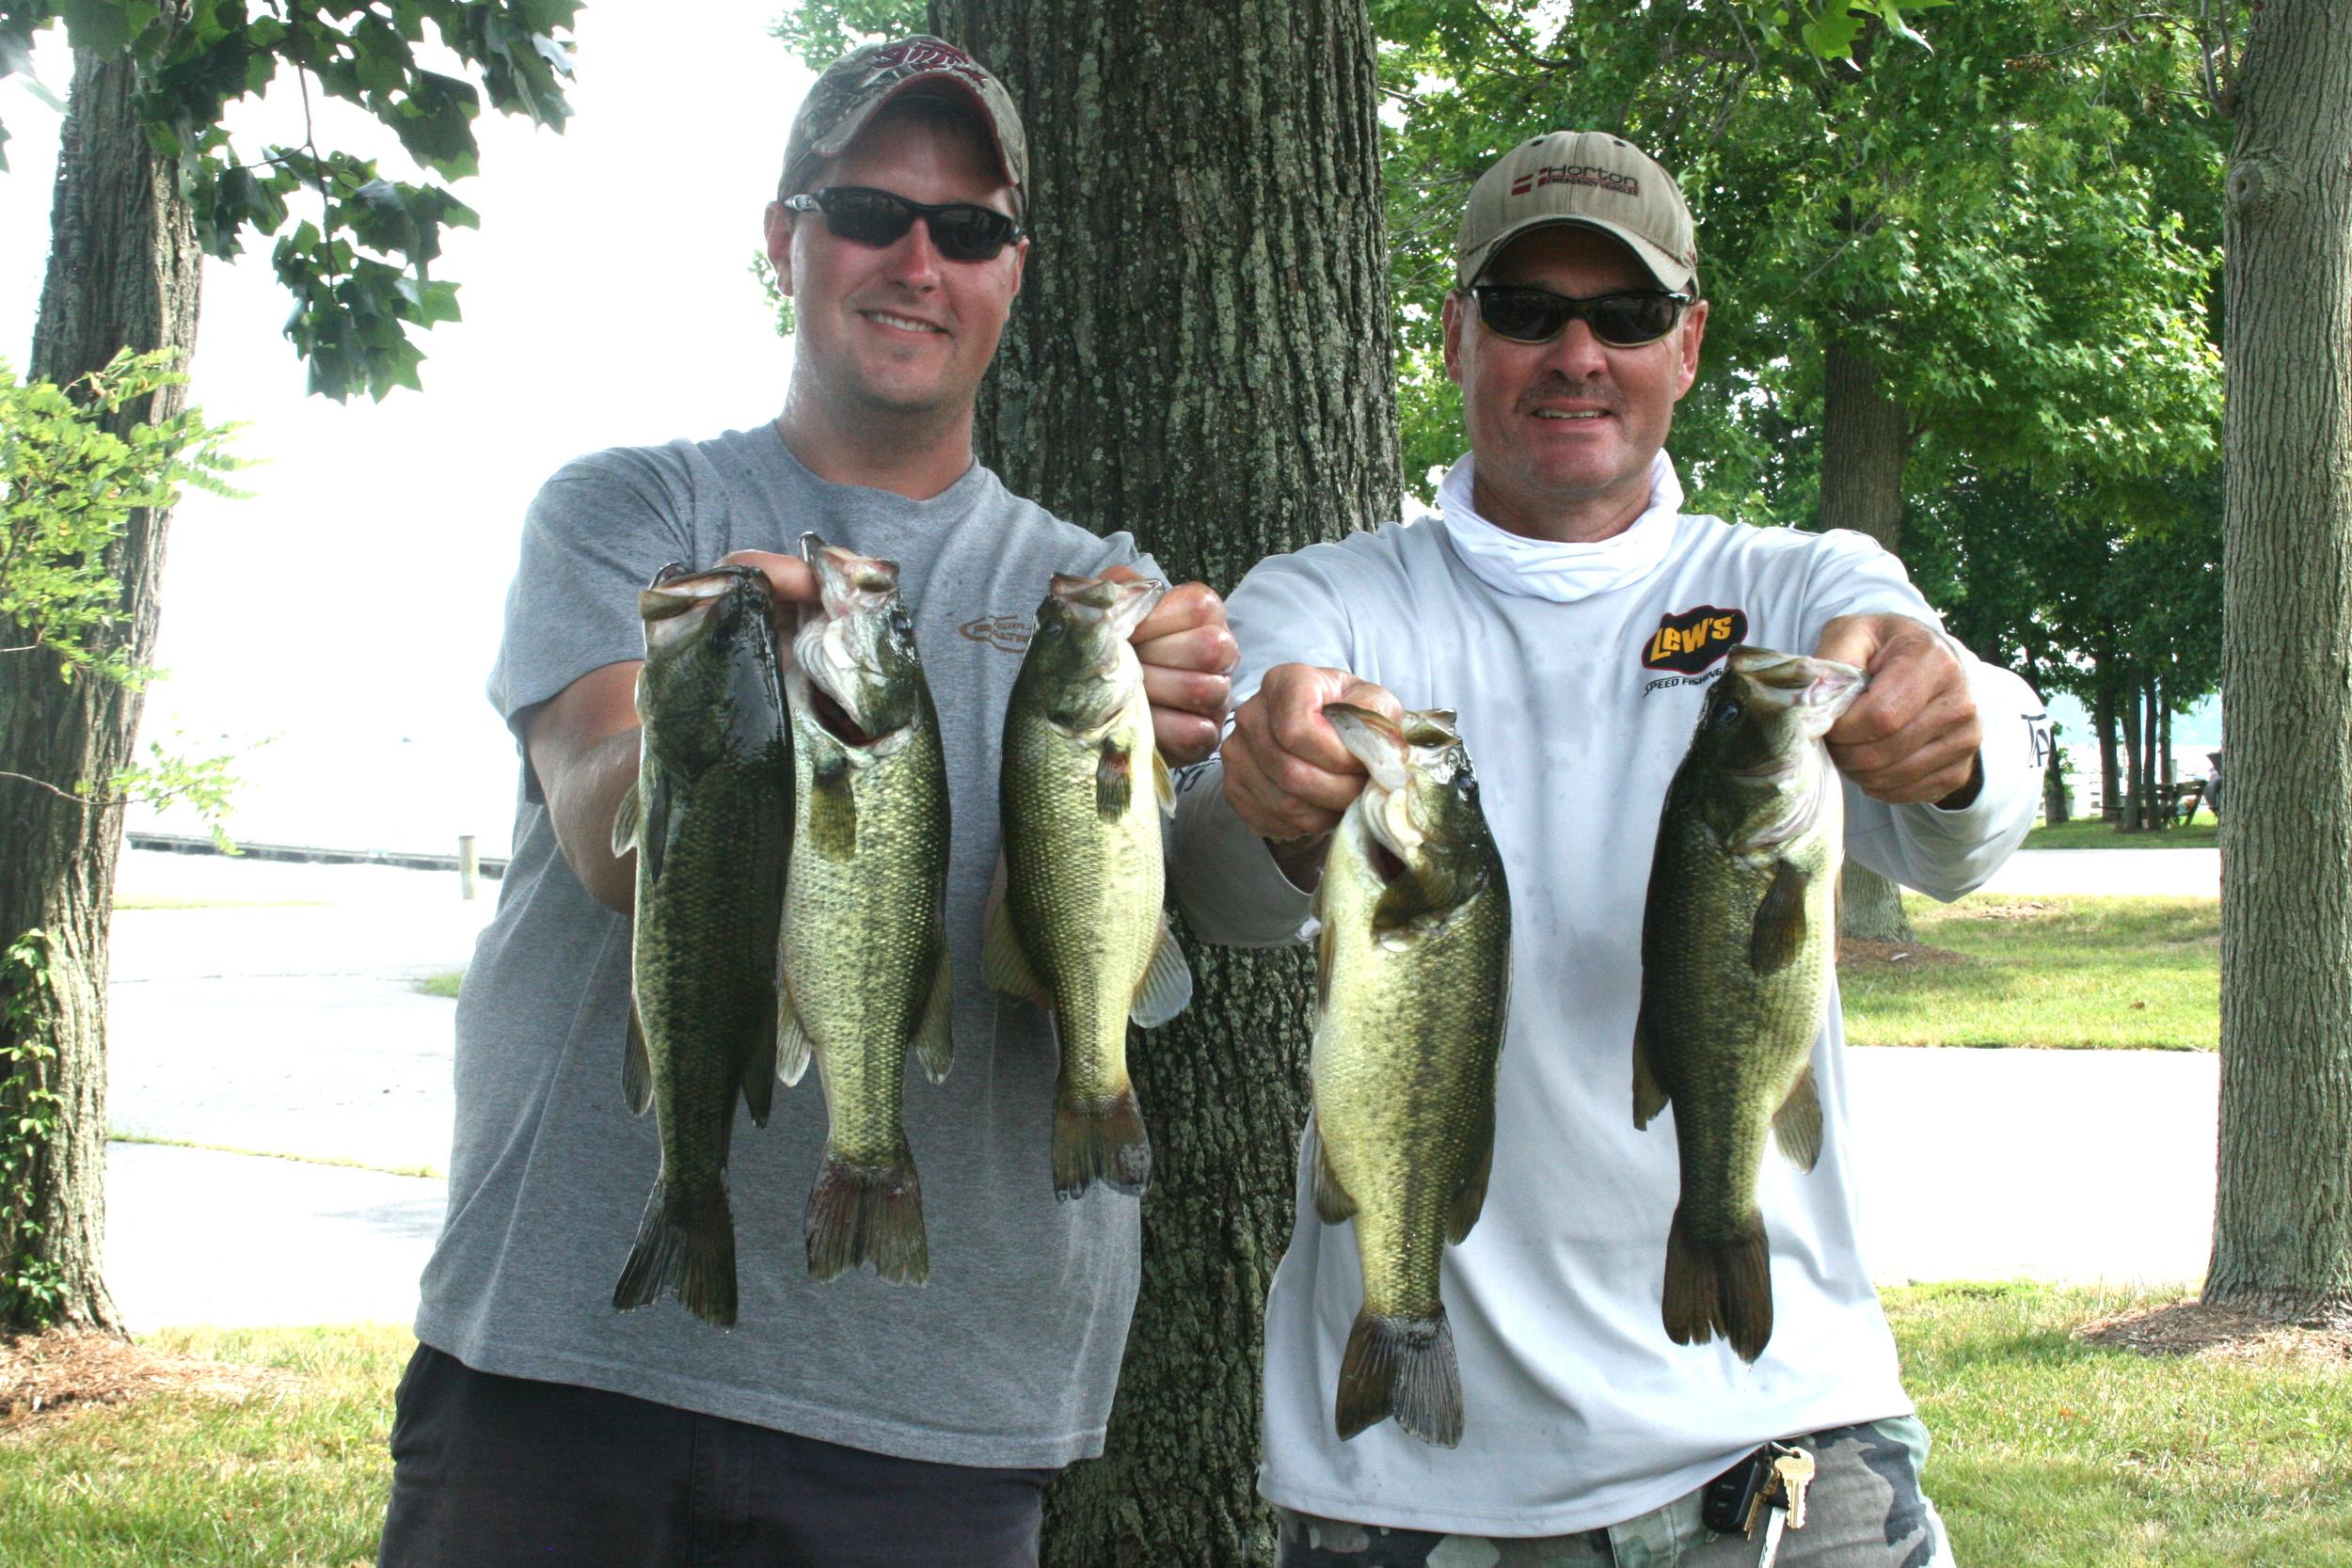 Corey Blake and John Sherer 8.72 lbs